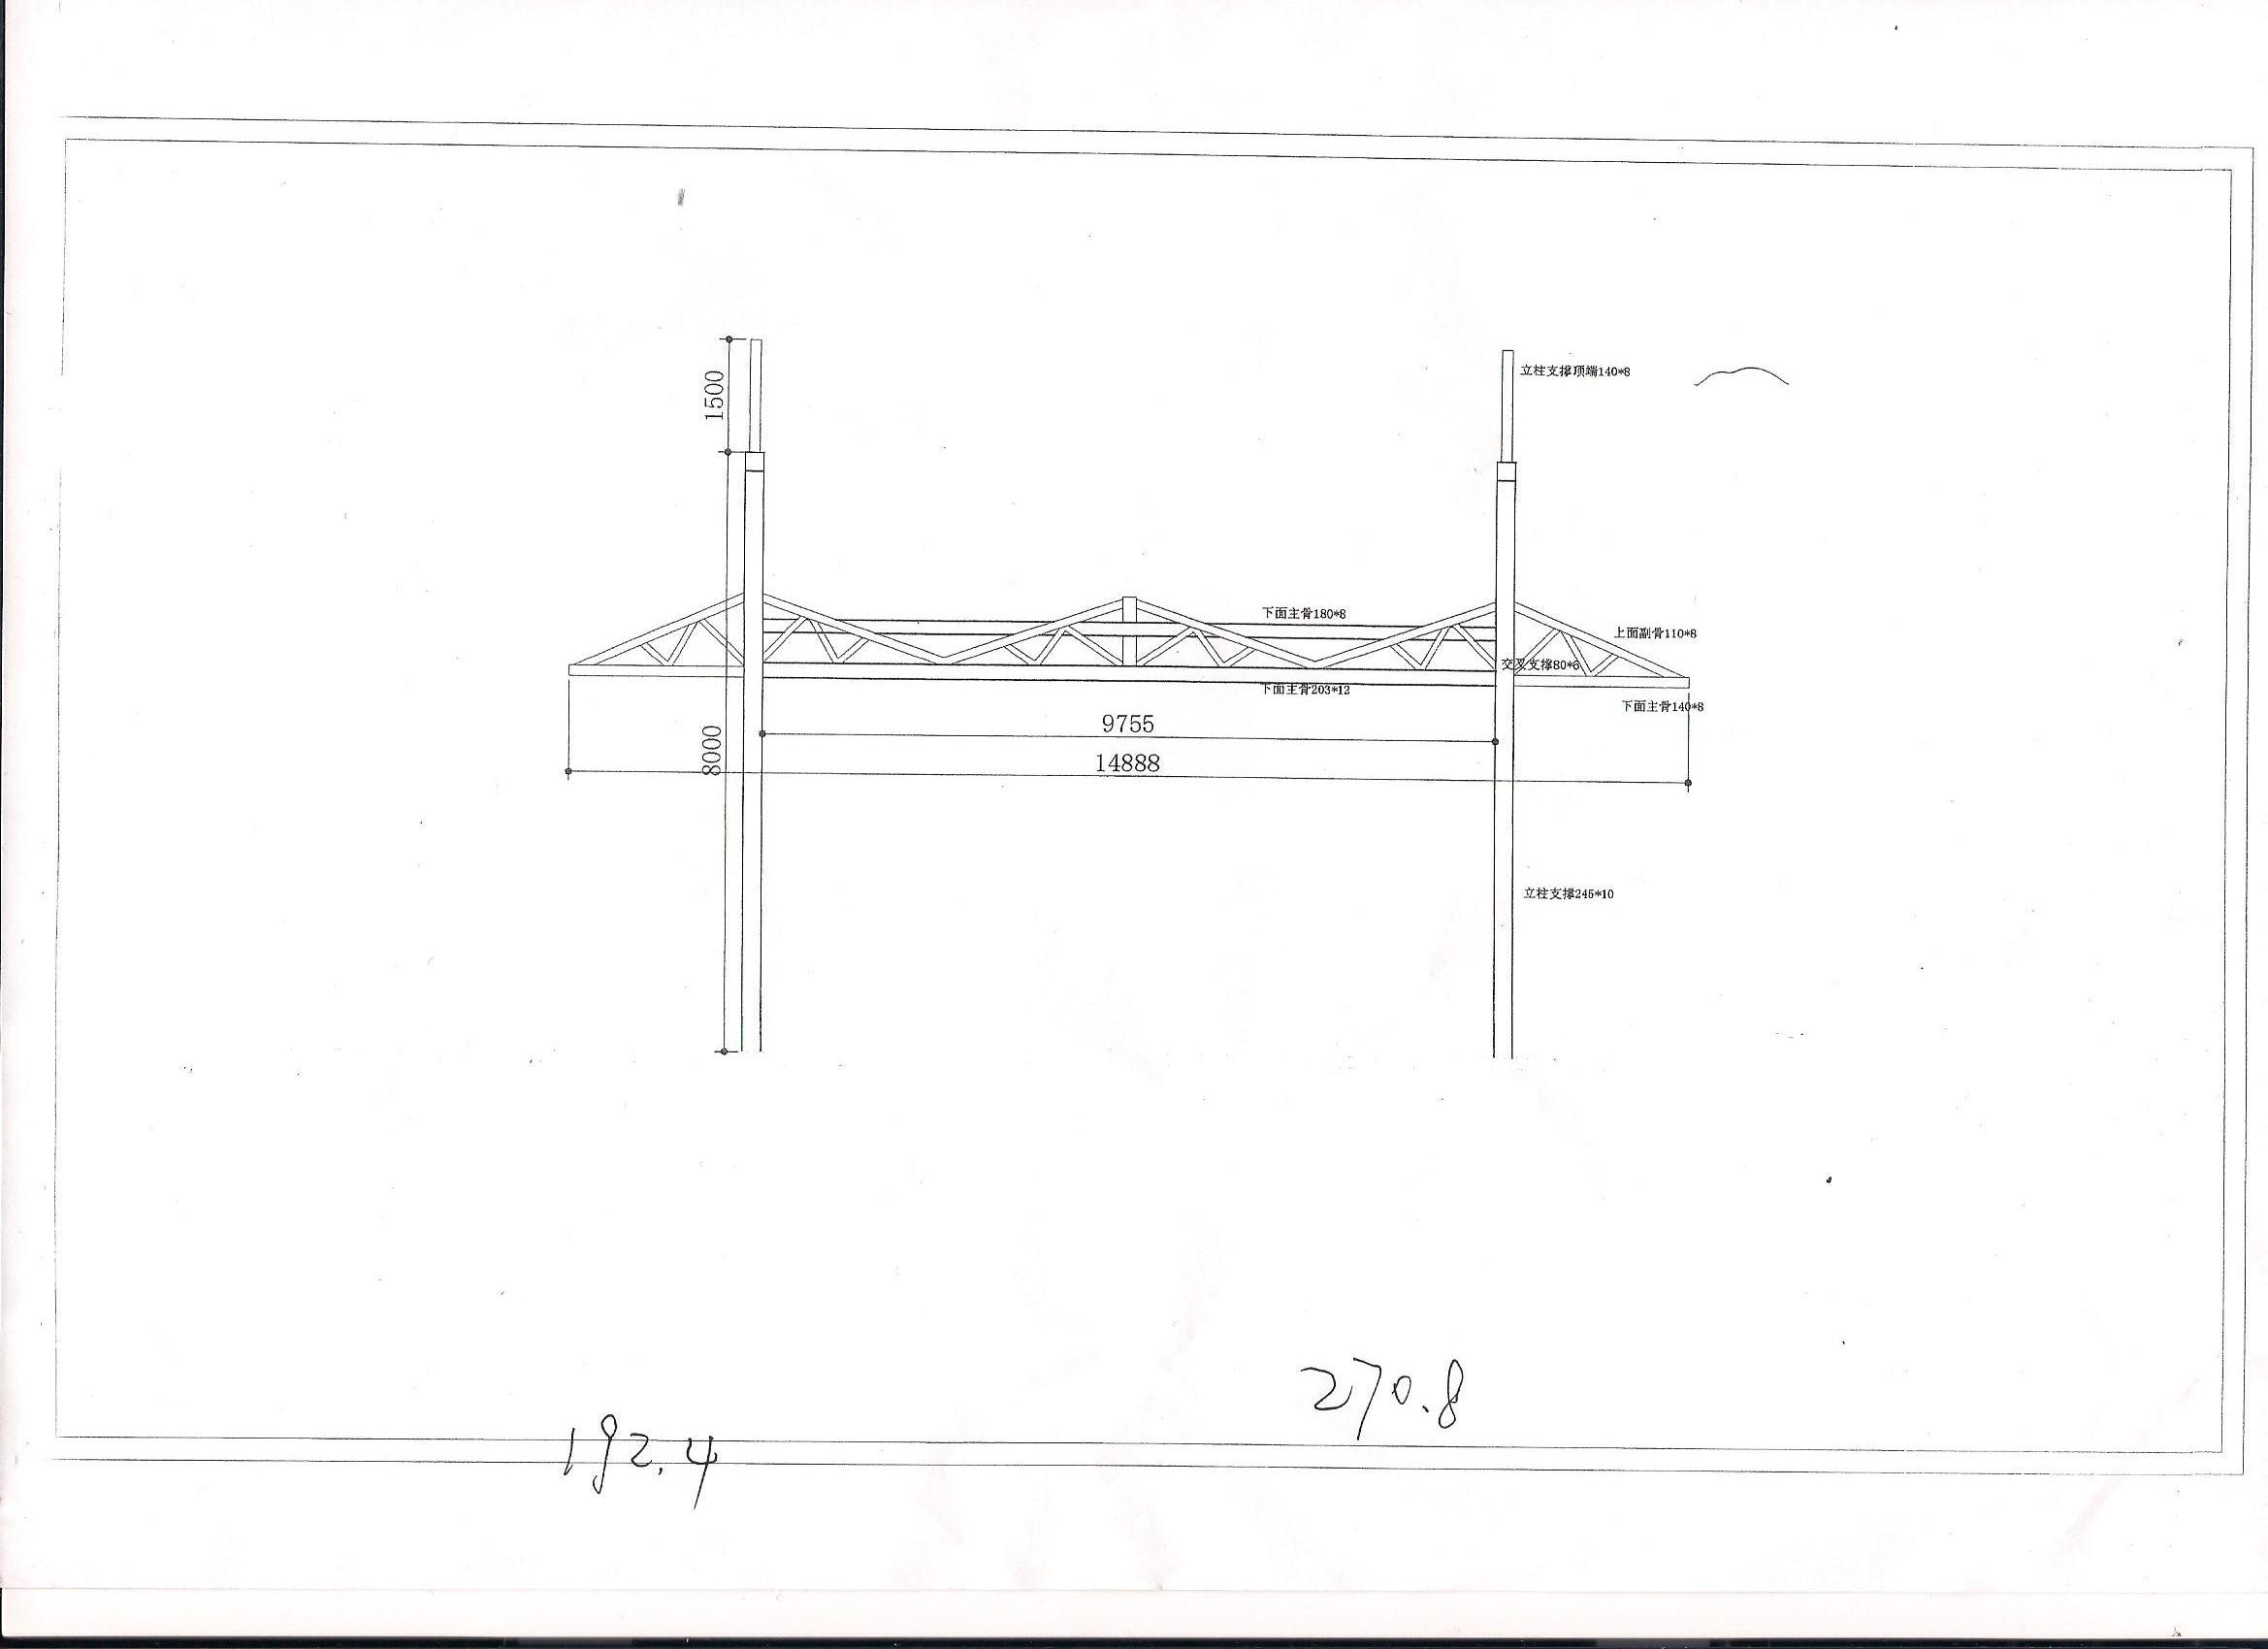 商业街小车入口收费岗亭膜结构图纸报价